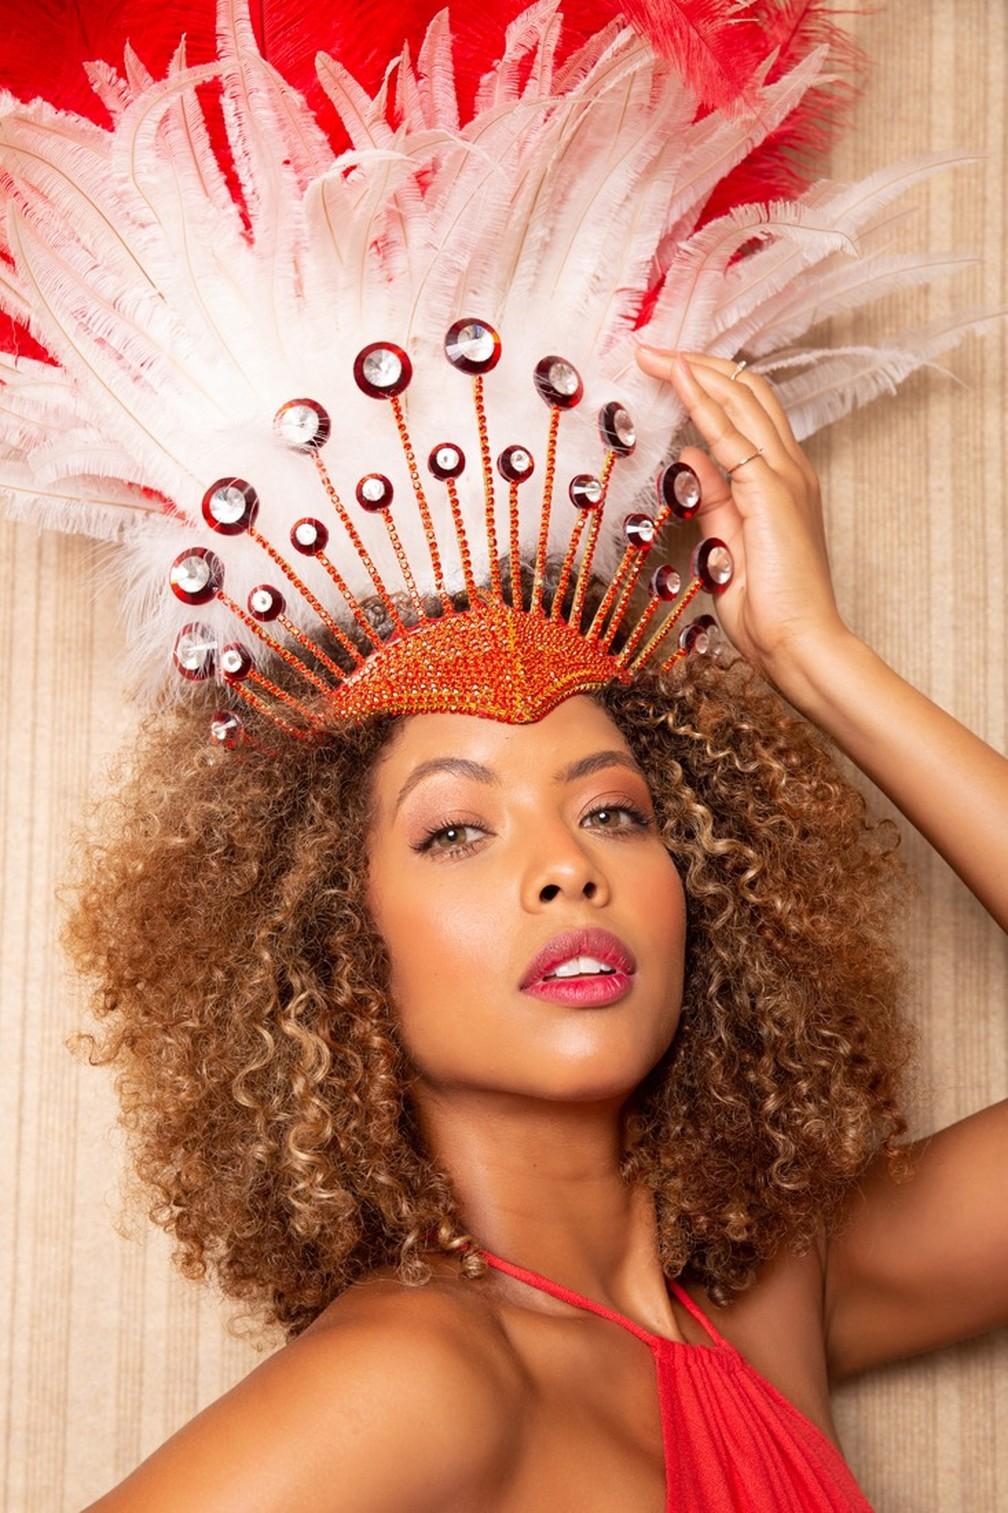 Karen Porfiro foi Miss São Paulo em 2017 e Miss Minas Gerais 2014 — Foto: Márcio Farias / Divulgação